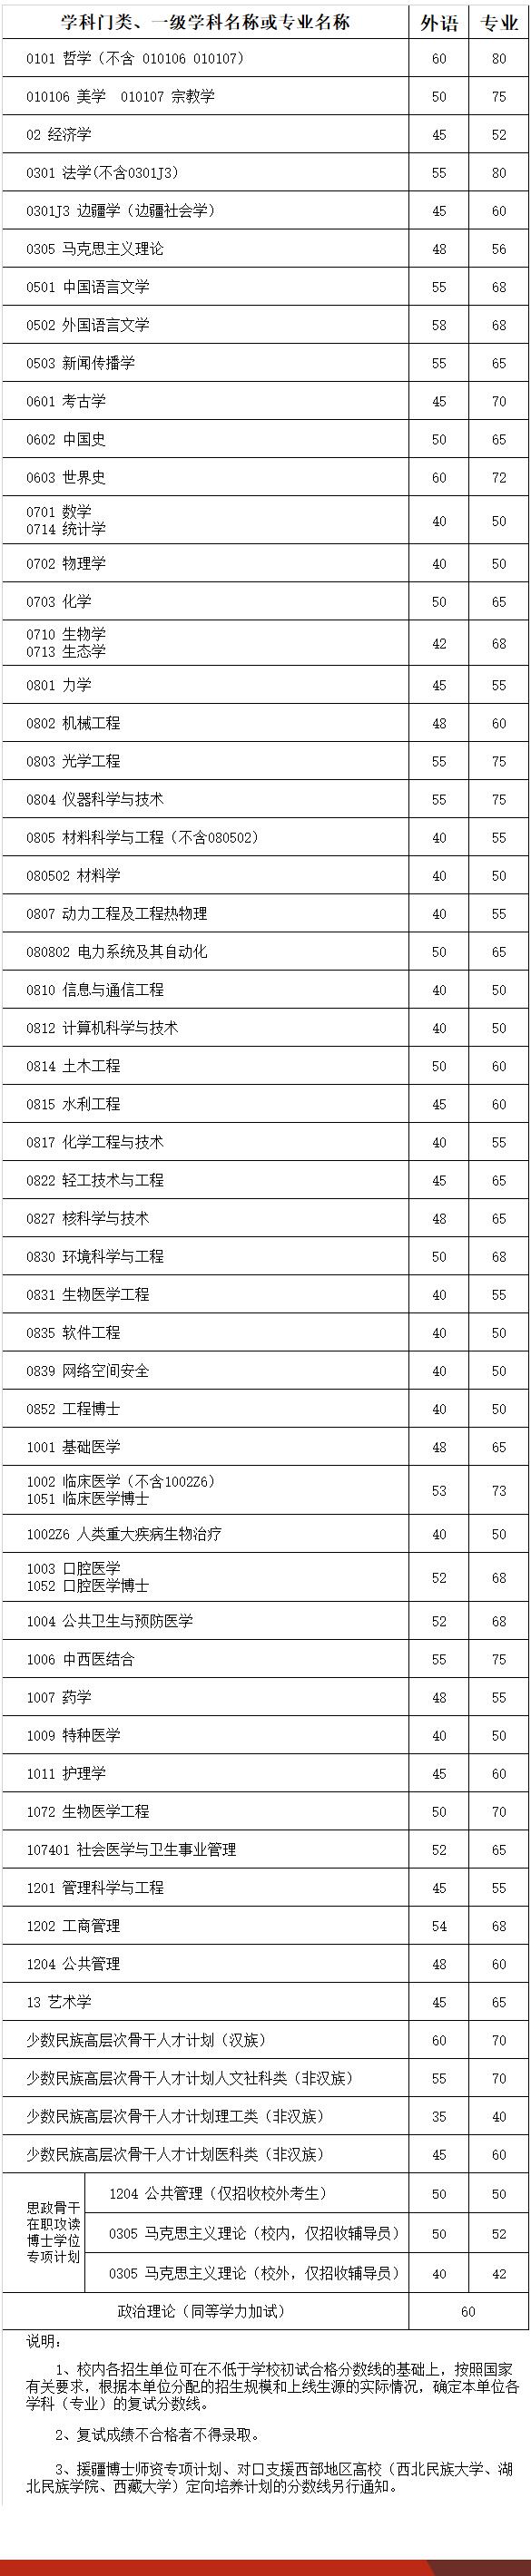 四川大学考博英语分数线